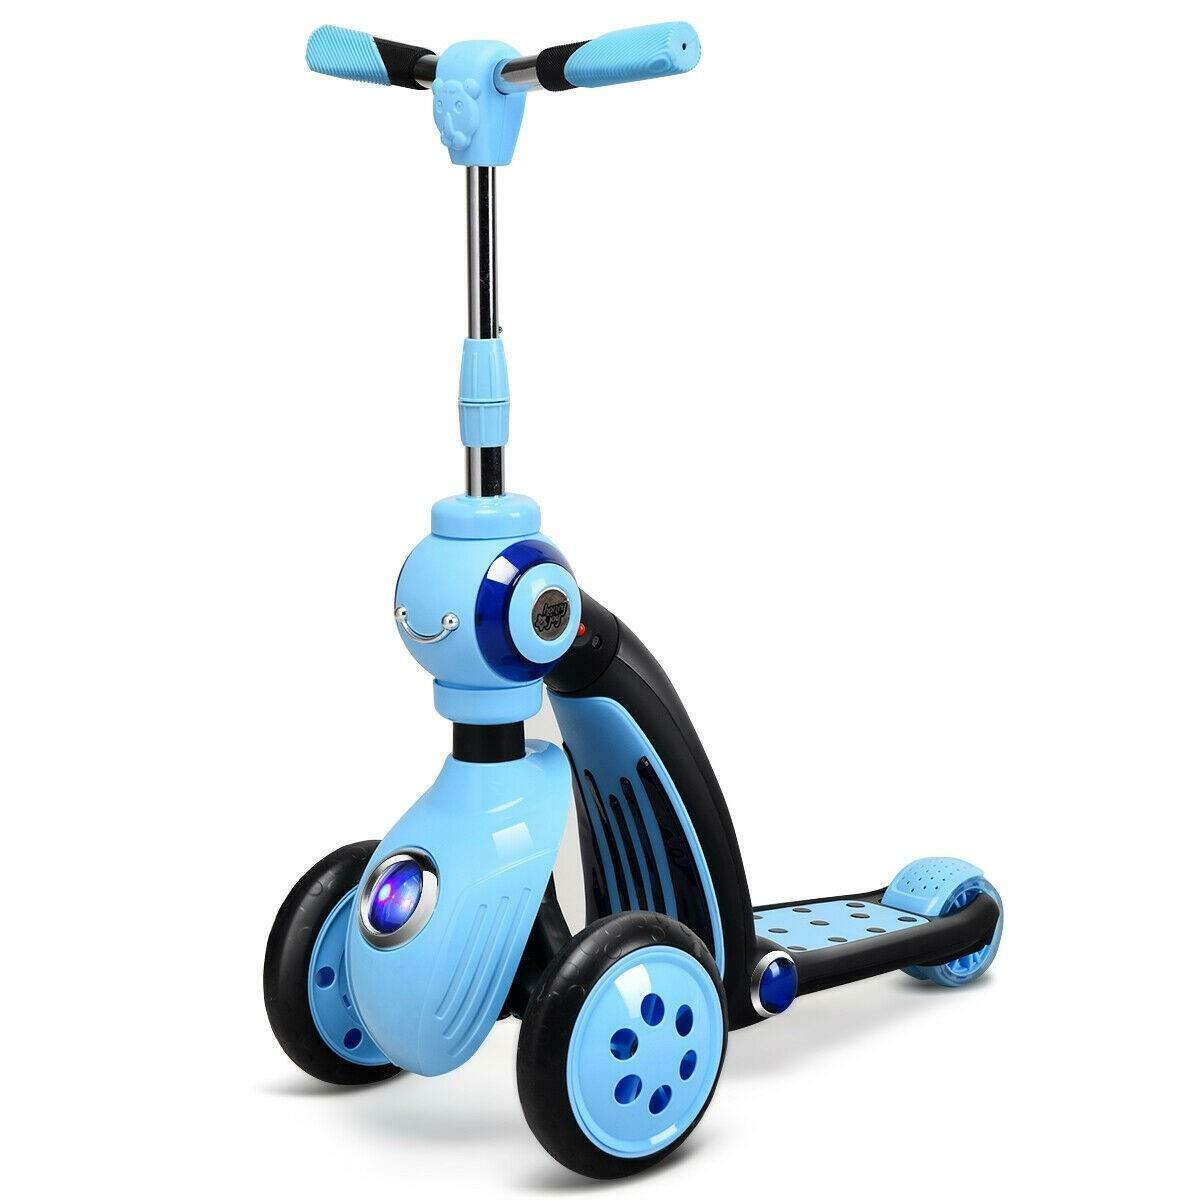 Escuter Scooter se convierte en triciclo para niños inspiró jugar y pasear con 3 ruedas